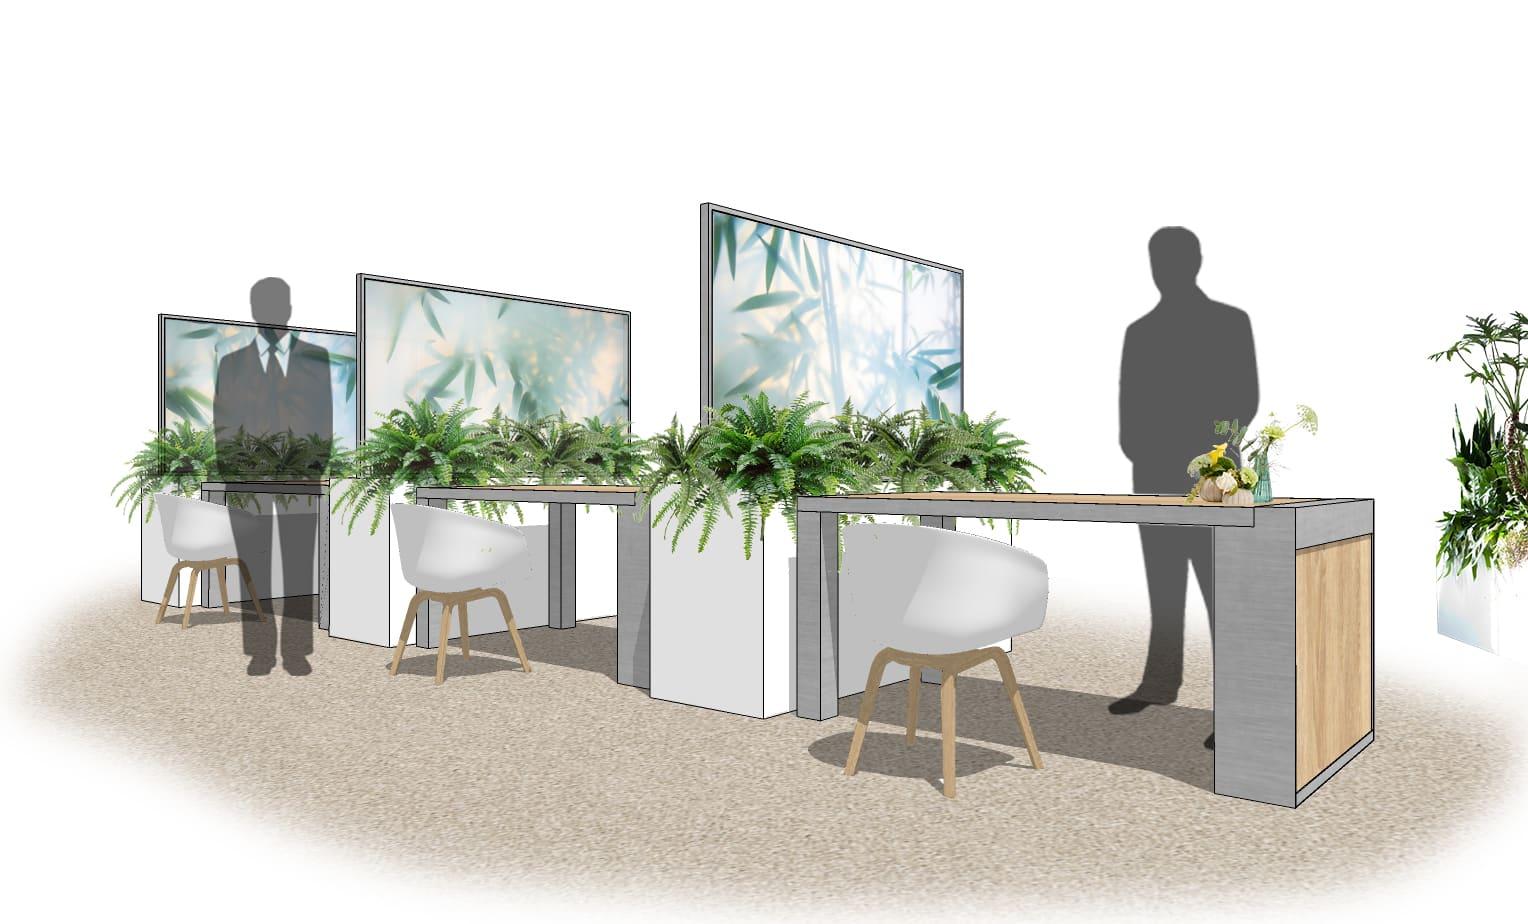 Raumteiler Plants Visuals von Bas de Boer Eventstyling Raumteiler aus Pflanzenkügel mit Echtpflanzen und Rahmen mit bedrucktem StretchstoffTische mit Trennwand social distancing - Raumteiler / Raumtrenner